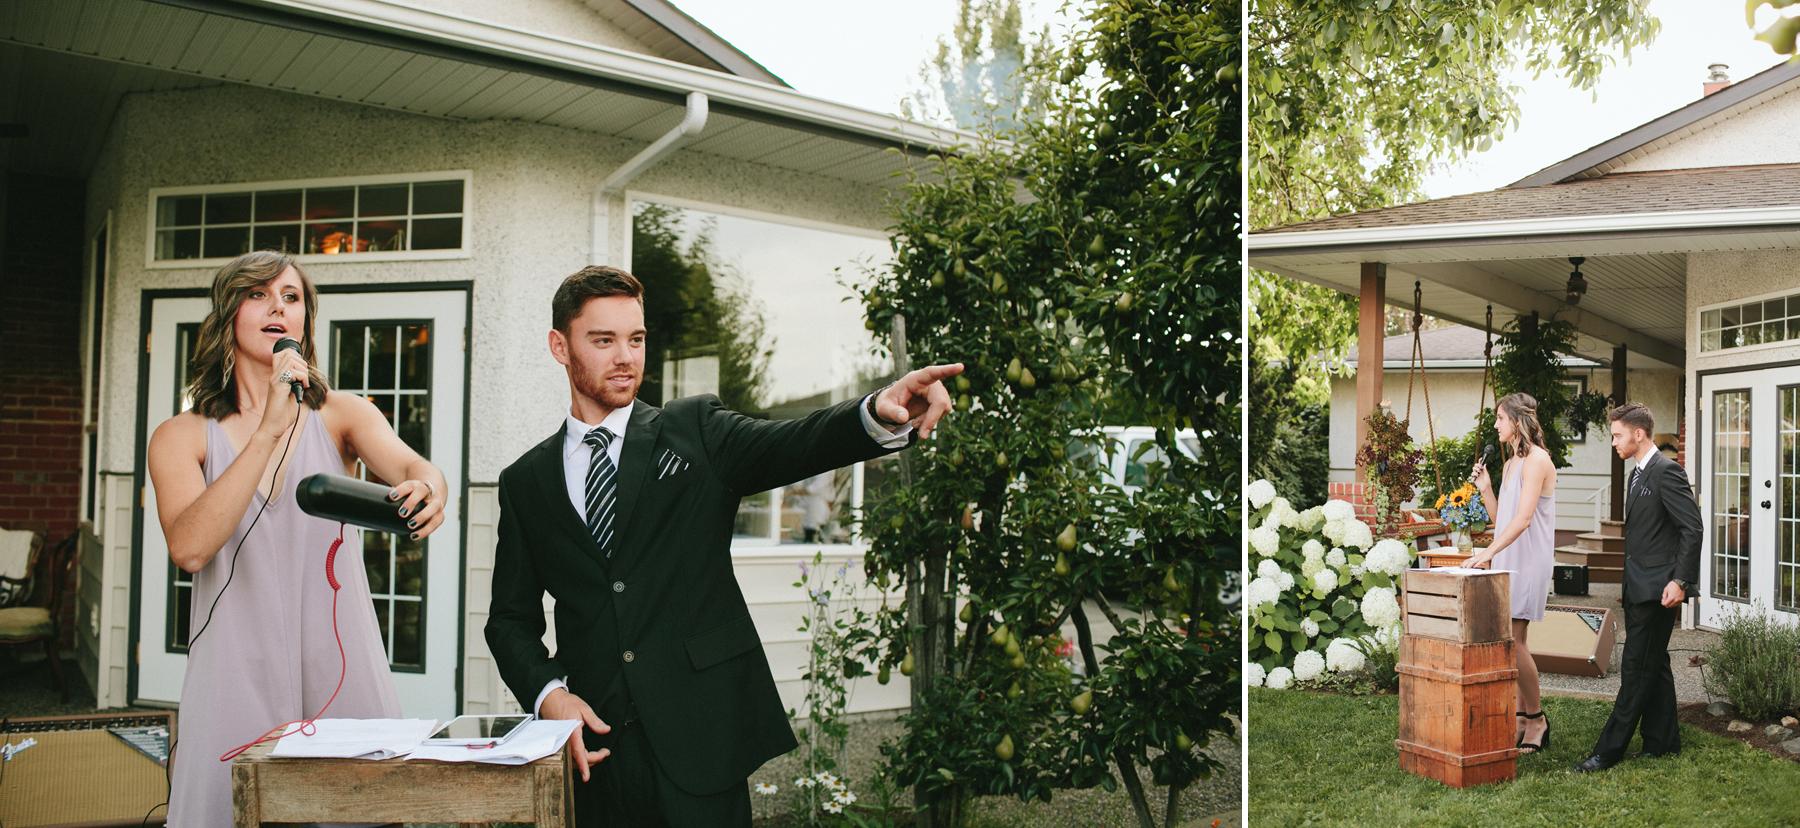 Vancouver-Rustic-Farm-Wedding-KB-153.jpg